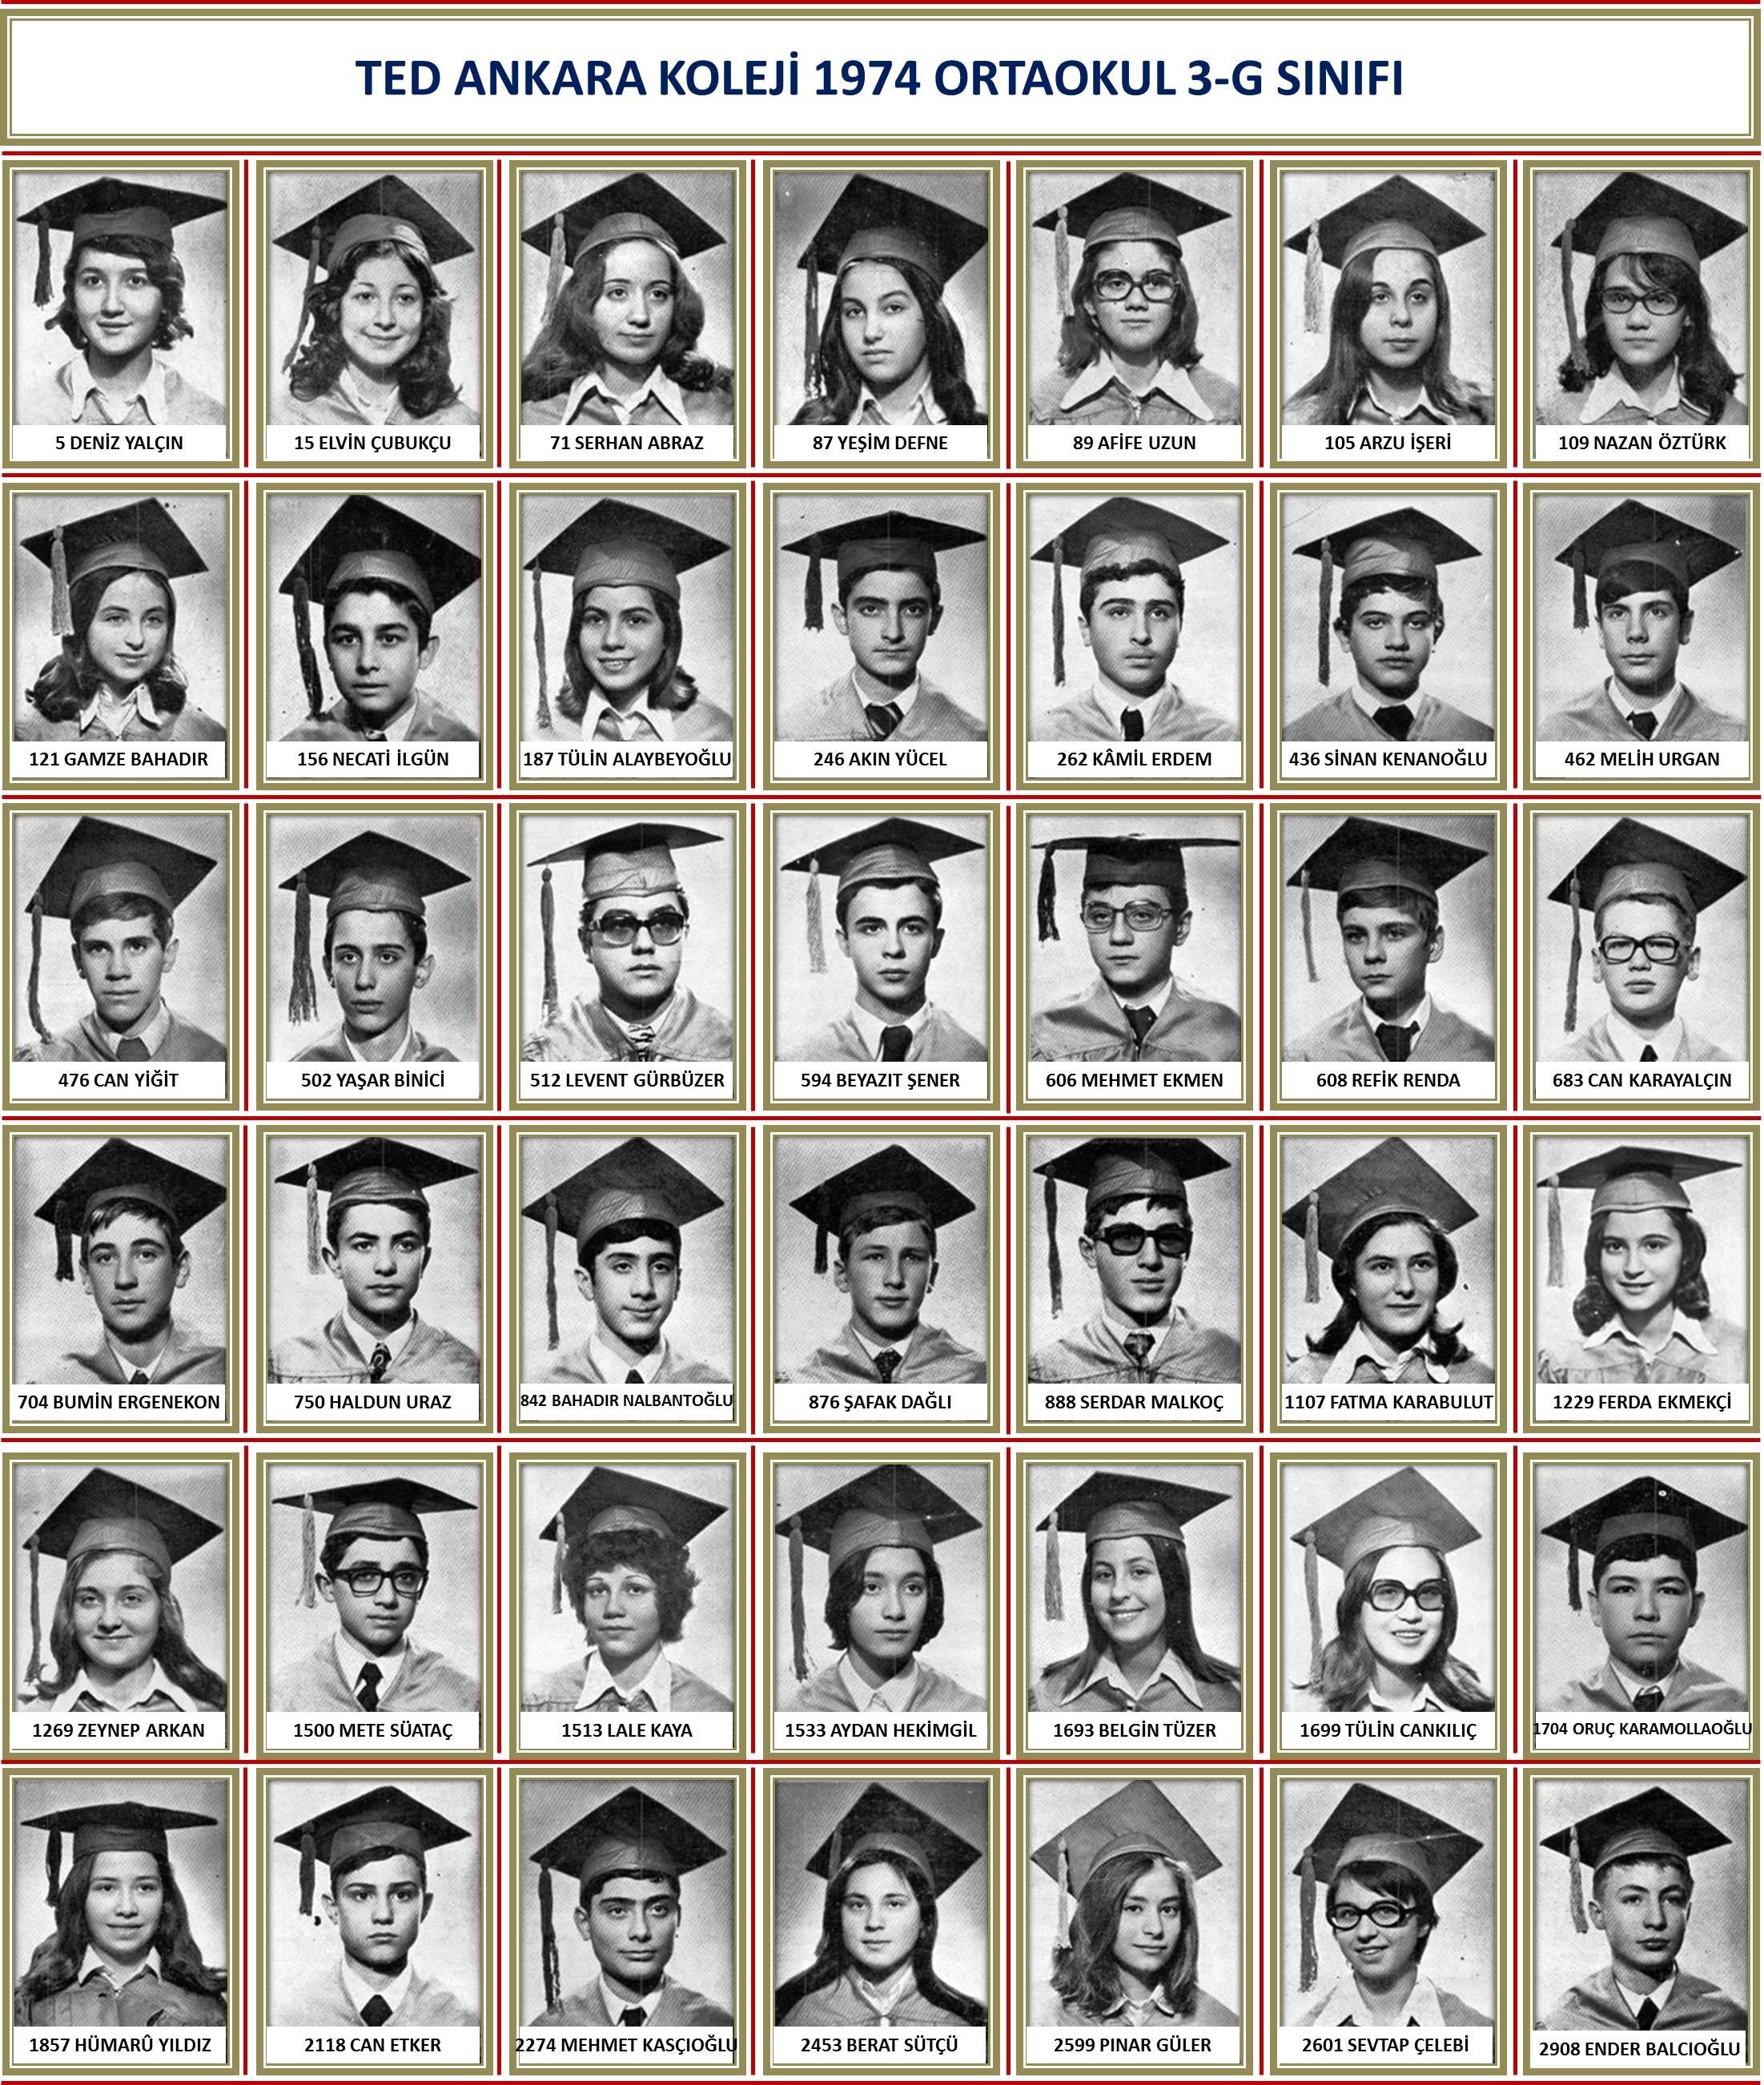 1974 3-G Sınıf toplu beyaz zemin